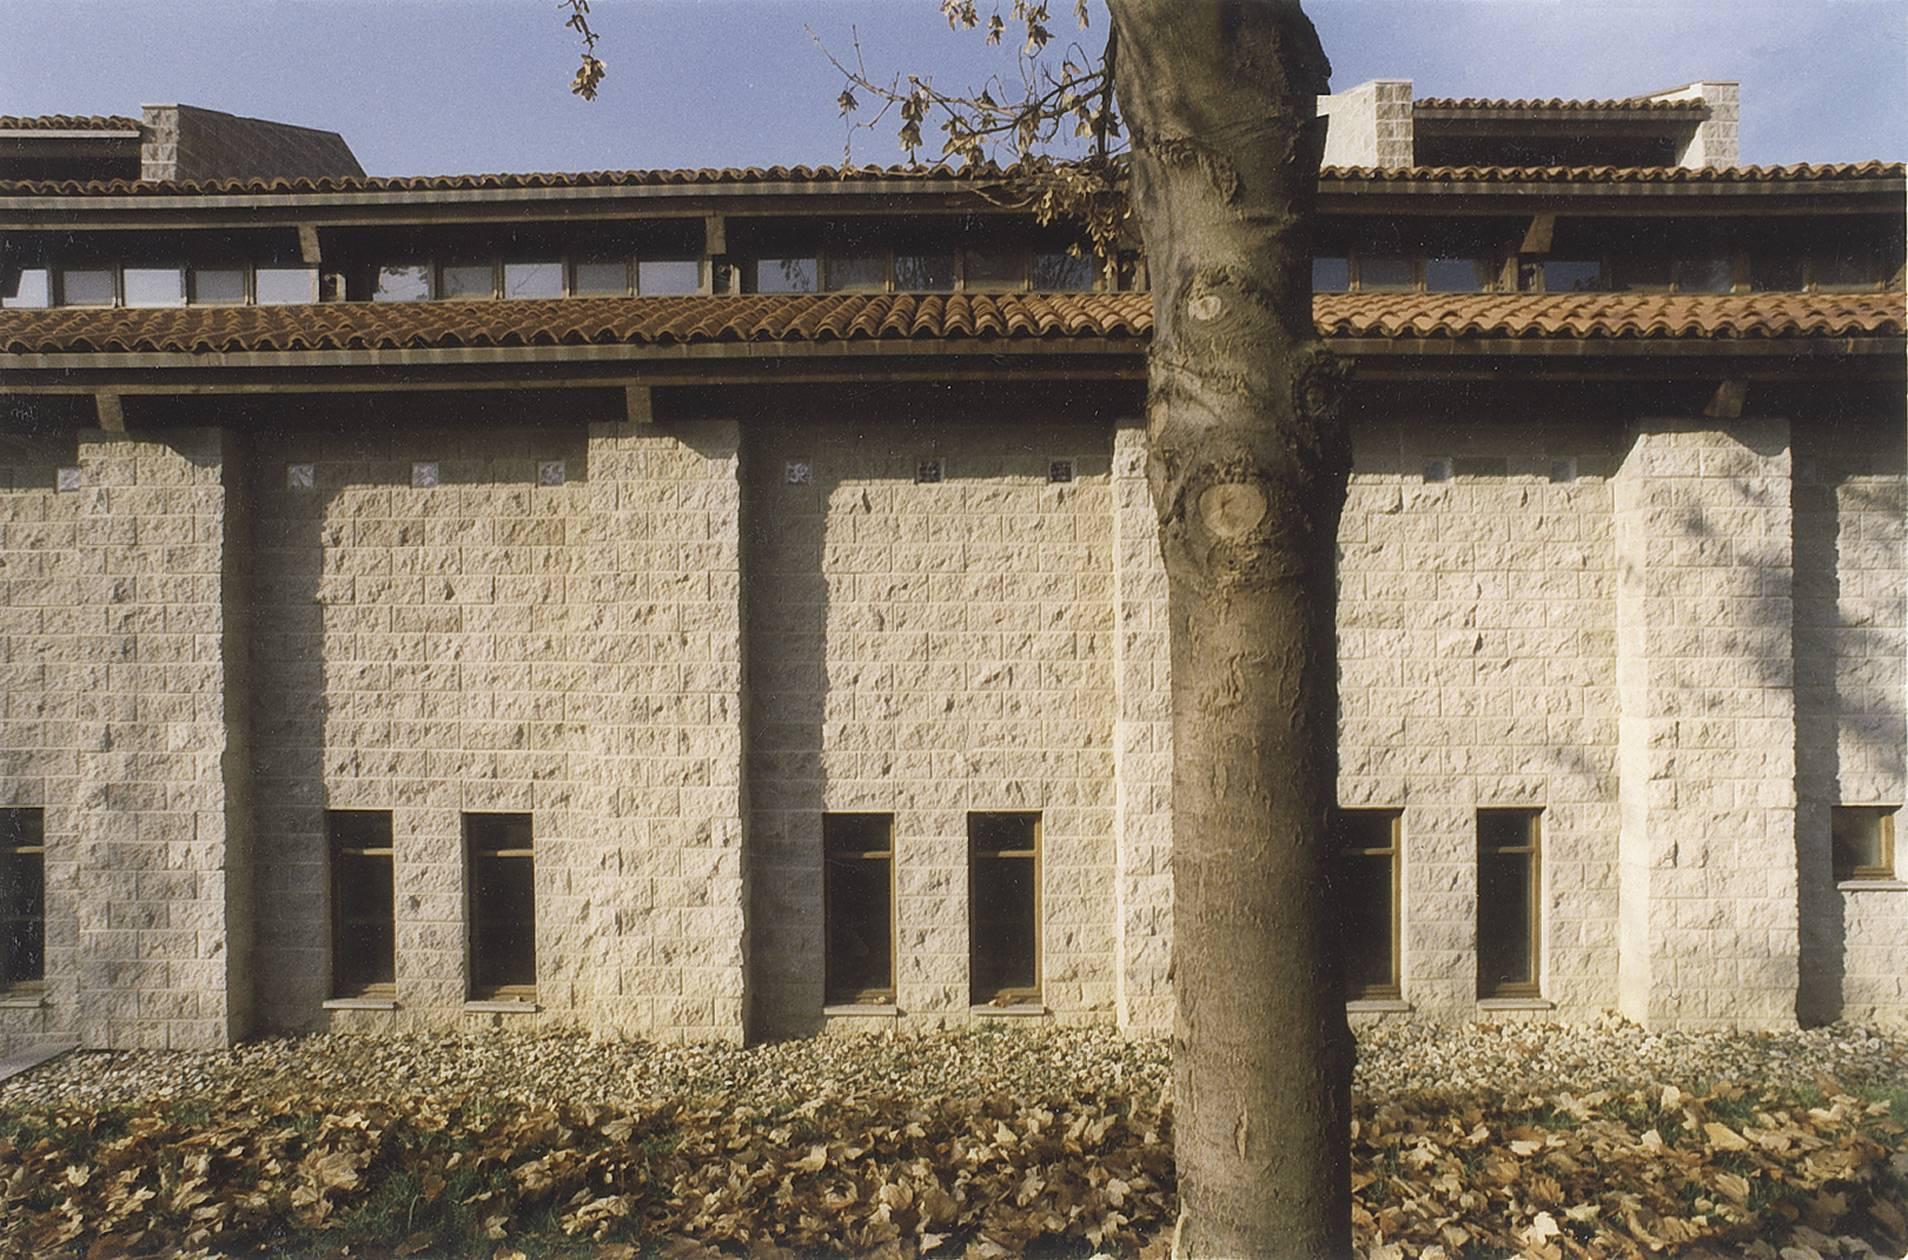 Centro di culto evangelico in beinasco de arch for 3 stelle arreda beinasco